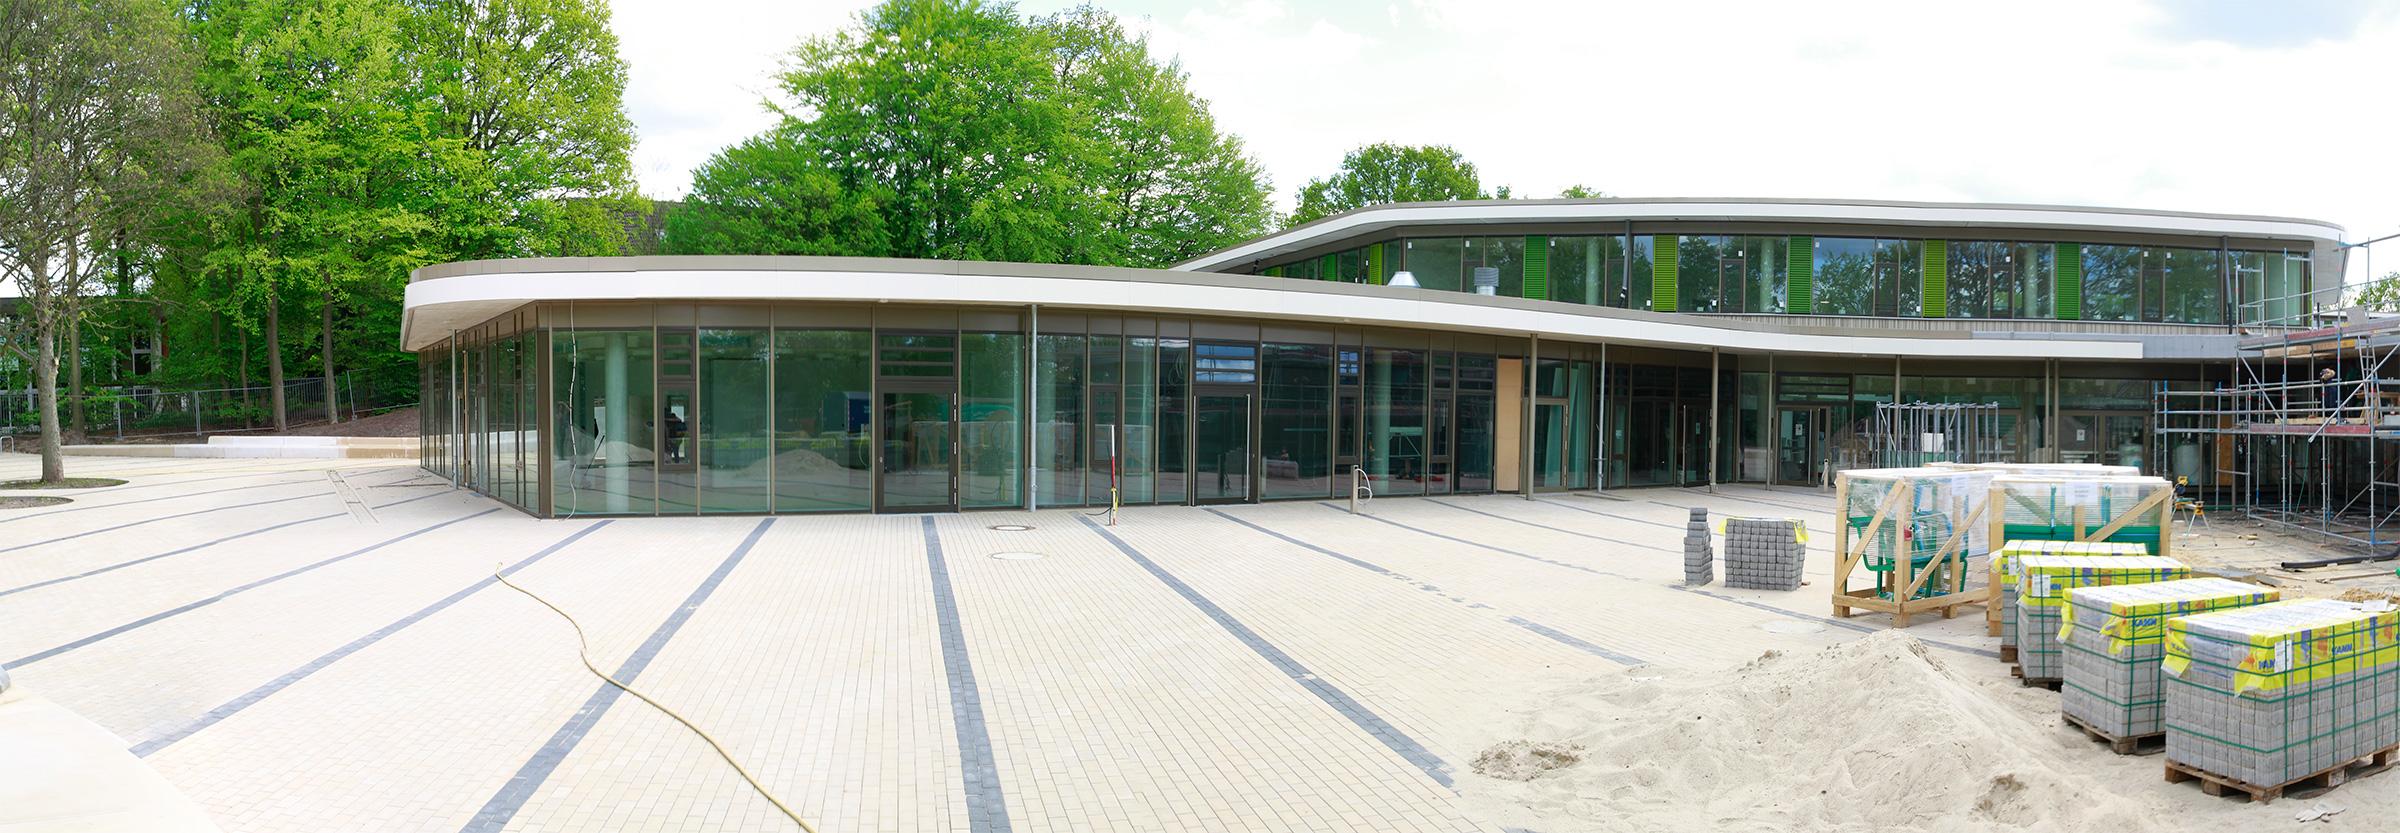 Das LURUM befindet sich in dem Gebaüde der neuen Stadtteilschule Lurup